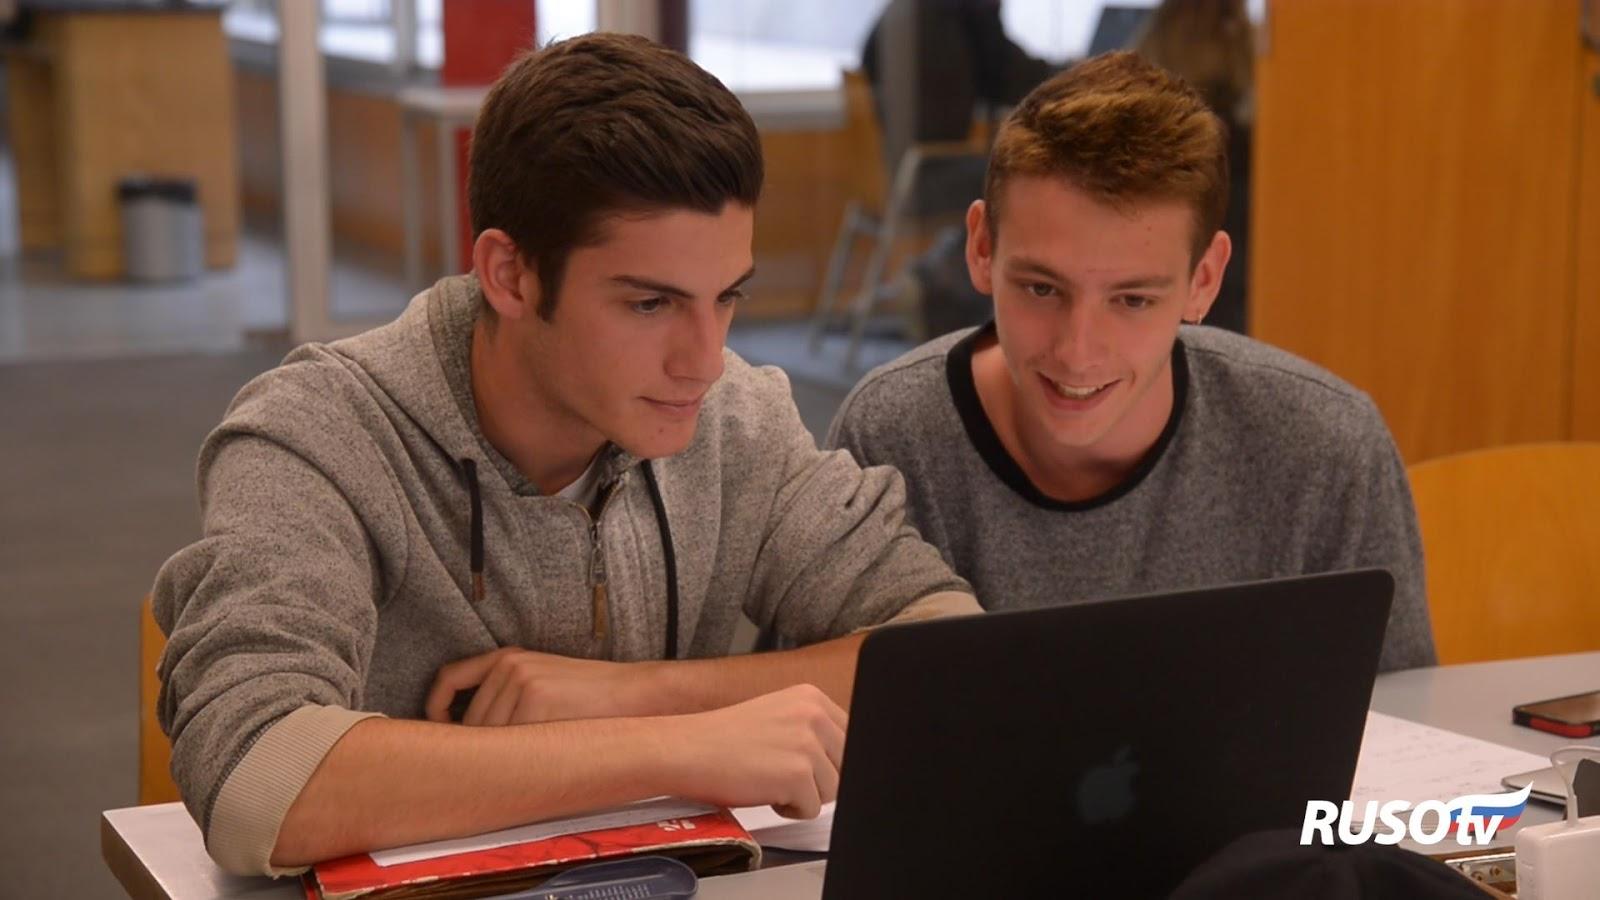 Академия Guiu готовят абитуриентов к поступлению в любой испанский университет